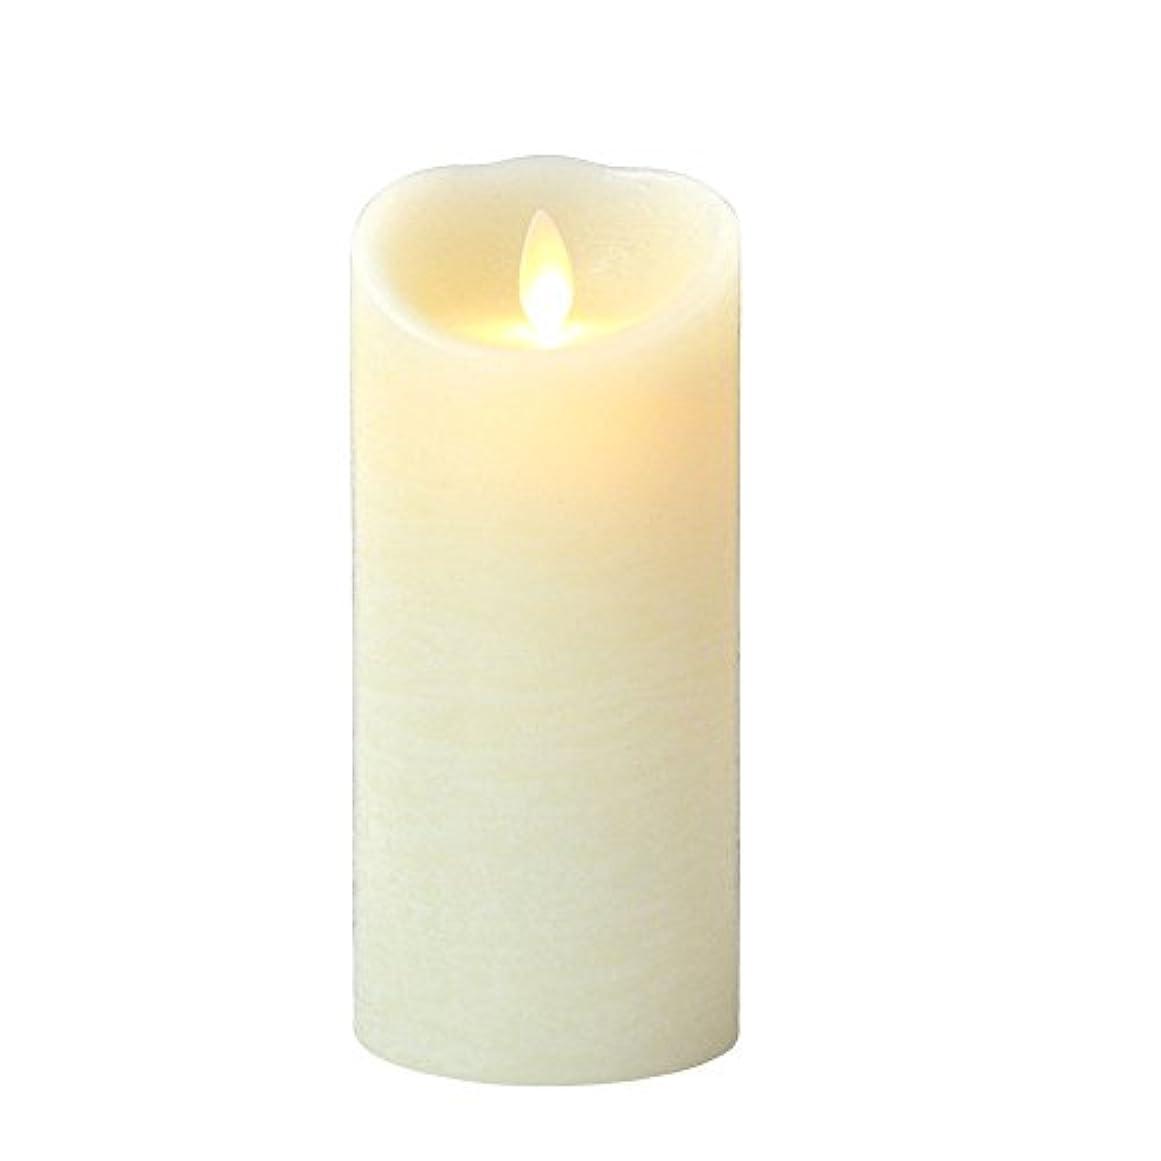 探偵オーロック耐える癒しの香りが素敵な間接照明! LUMINARA ルミナラ ピラー3×6 ラスティク B0320-00-20 IV?オーシャンブリーズ